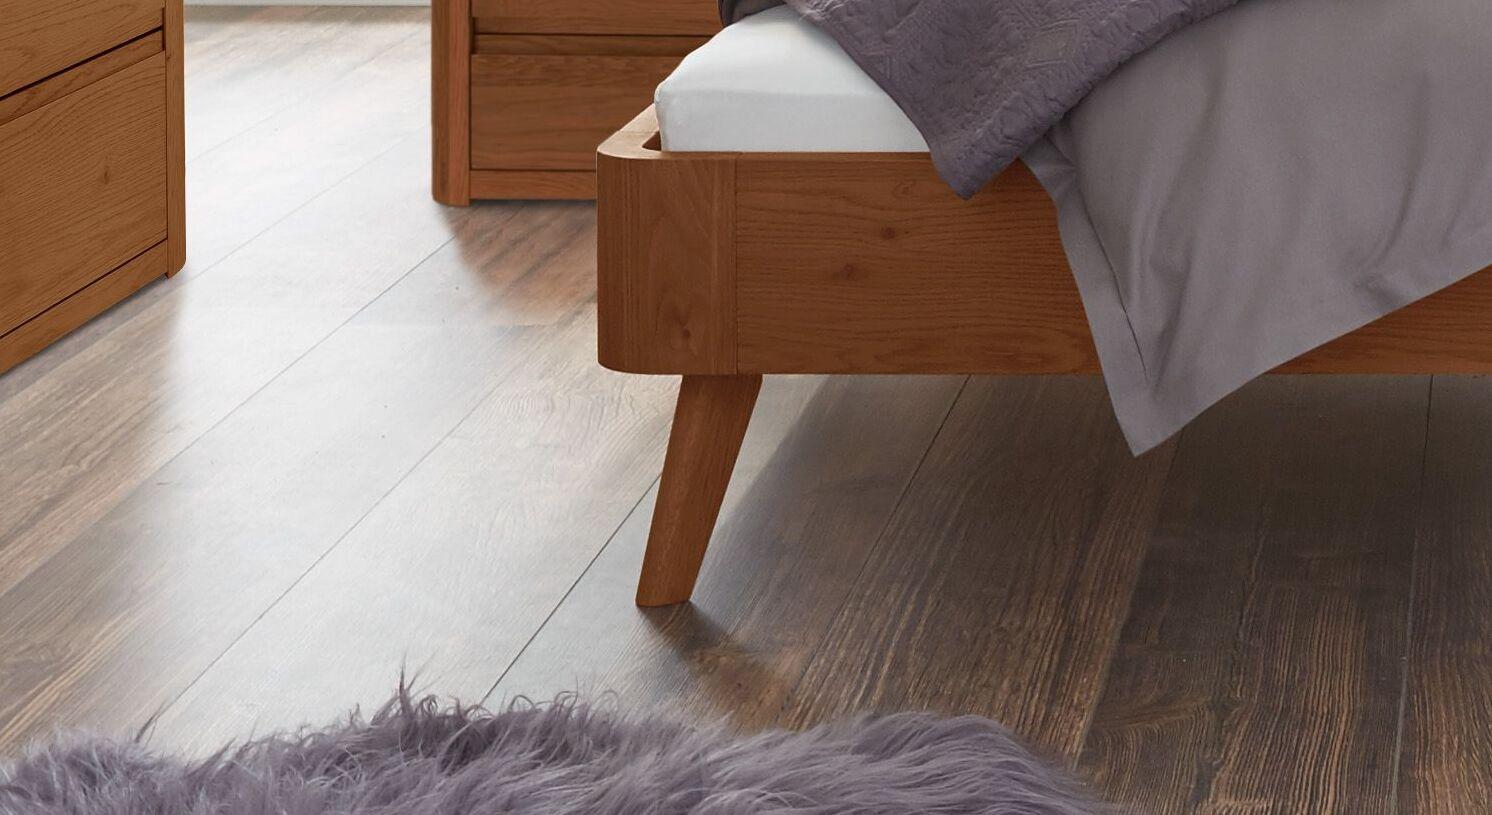 Bett Santa Rosa mit ausgestellten Bettbeinen